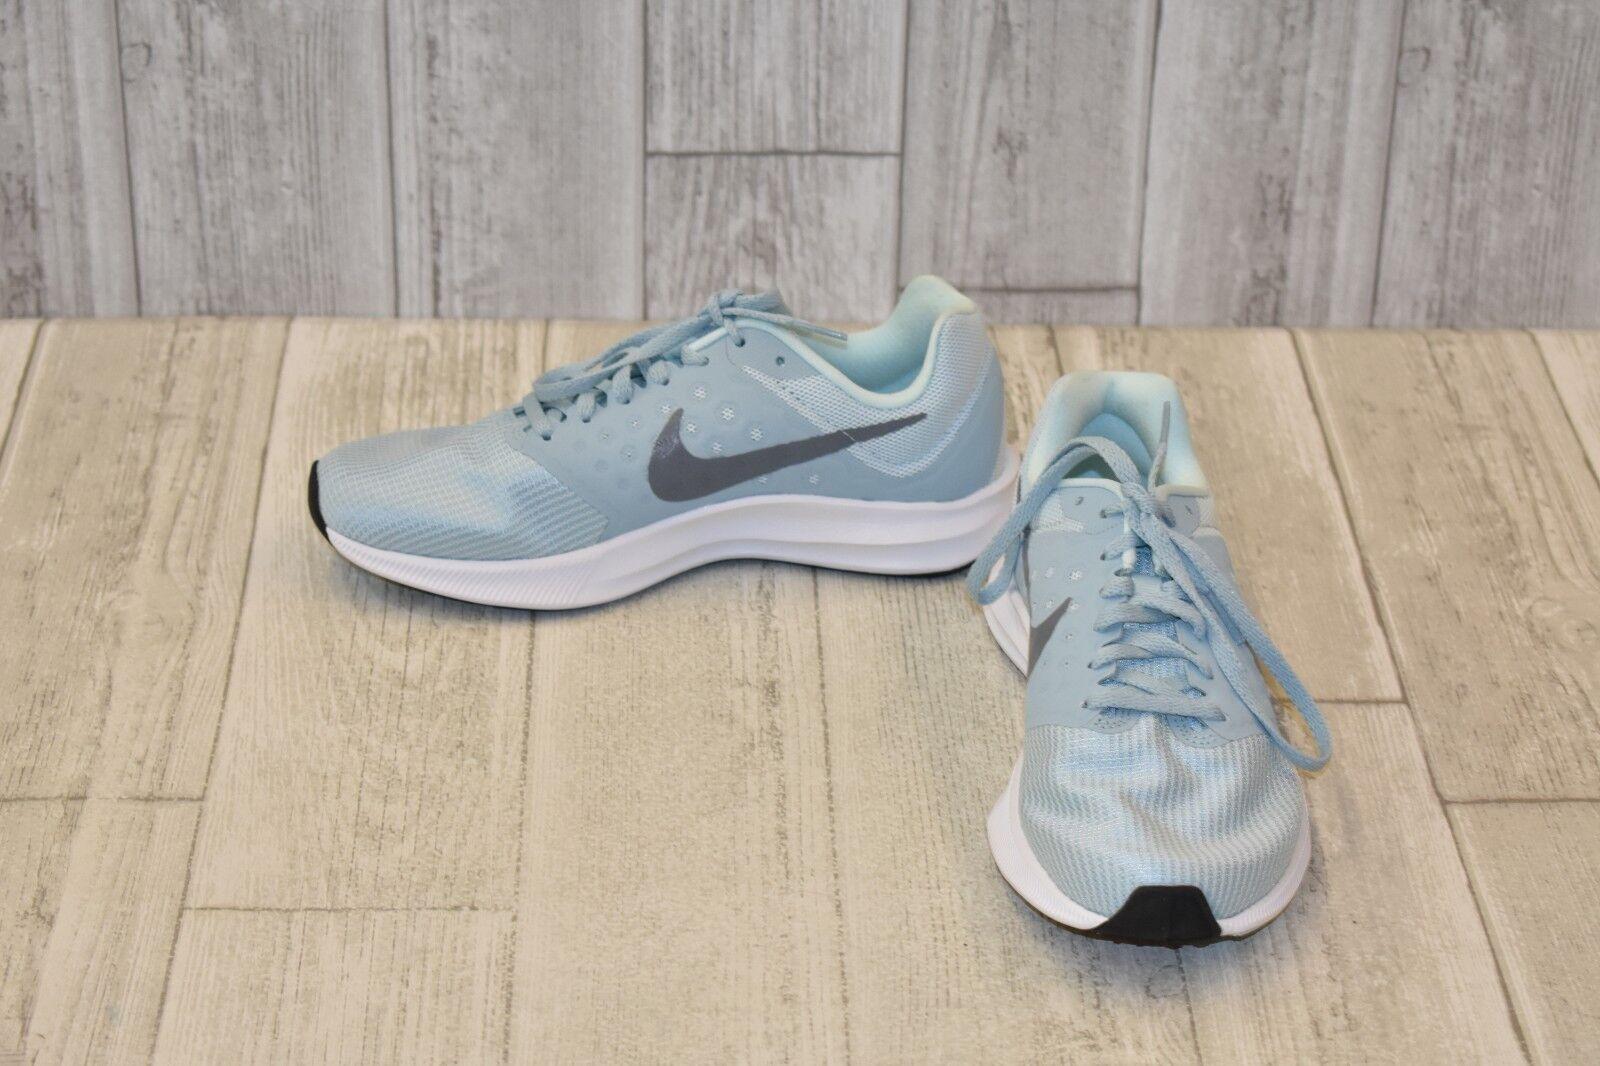 scarpe da ginnastica nike downshifter 7 7 7 - donne e misura 7,5 - ghiacciaio blue | Di Progettazione Professionale  | Scolaro/Ragazze Scarpa  | Uomo/Donne Scarpa  03a71d